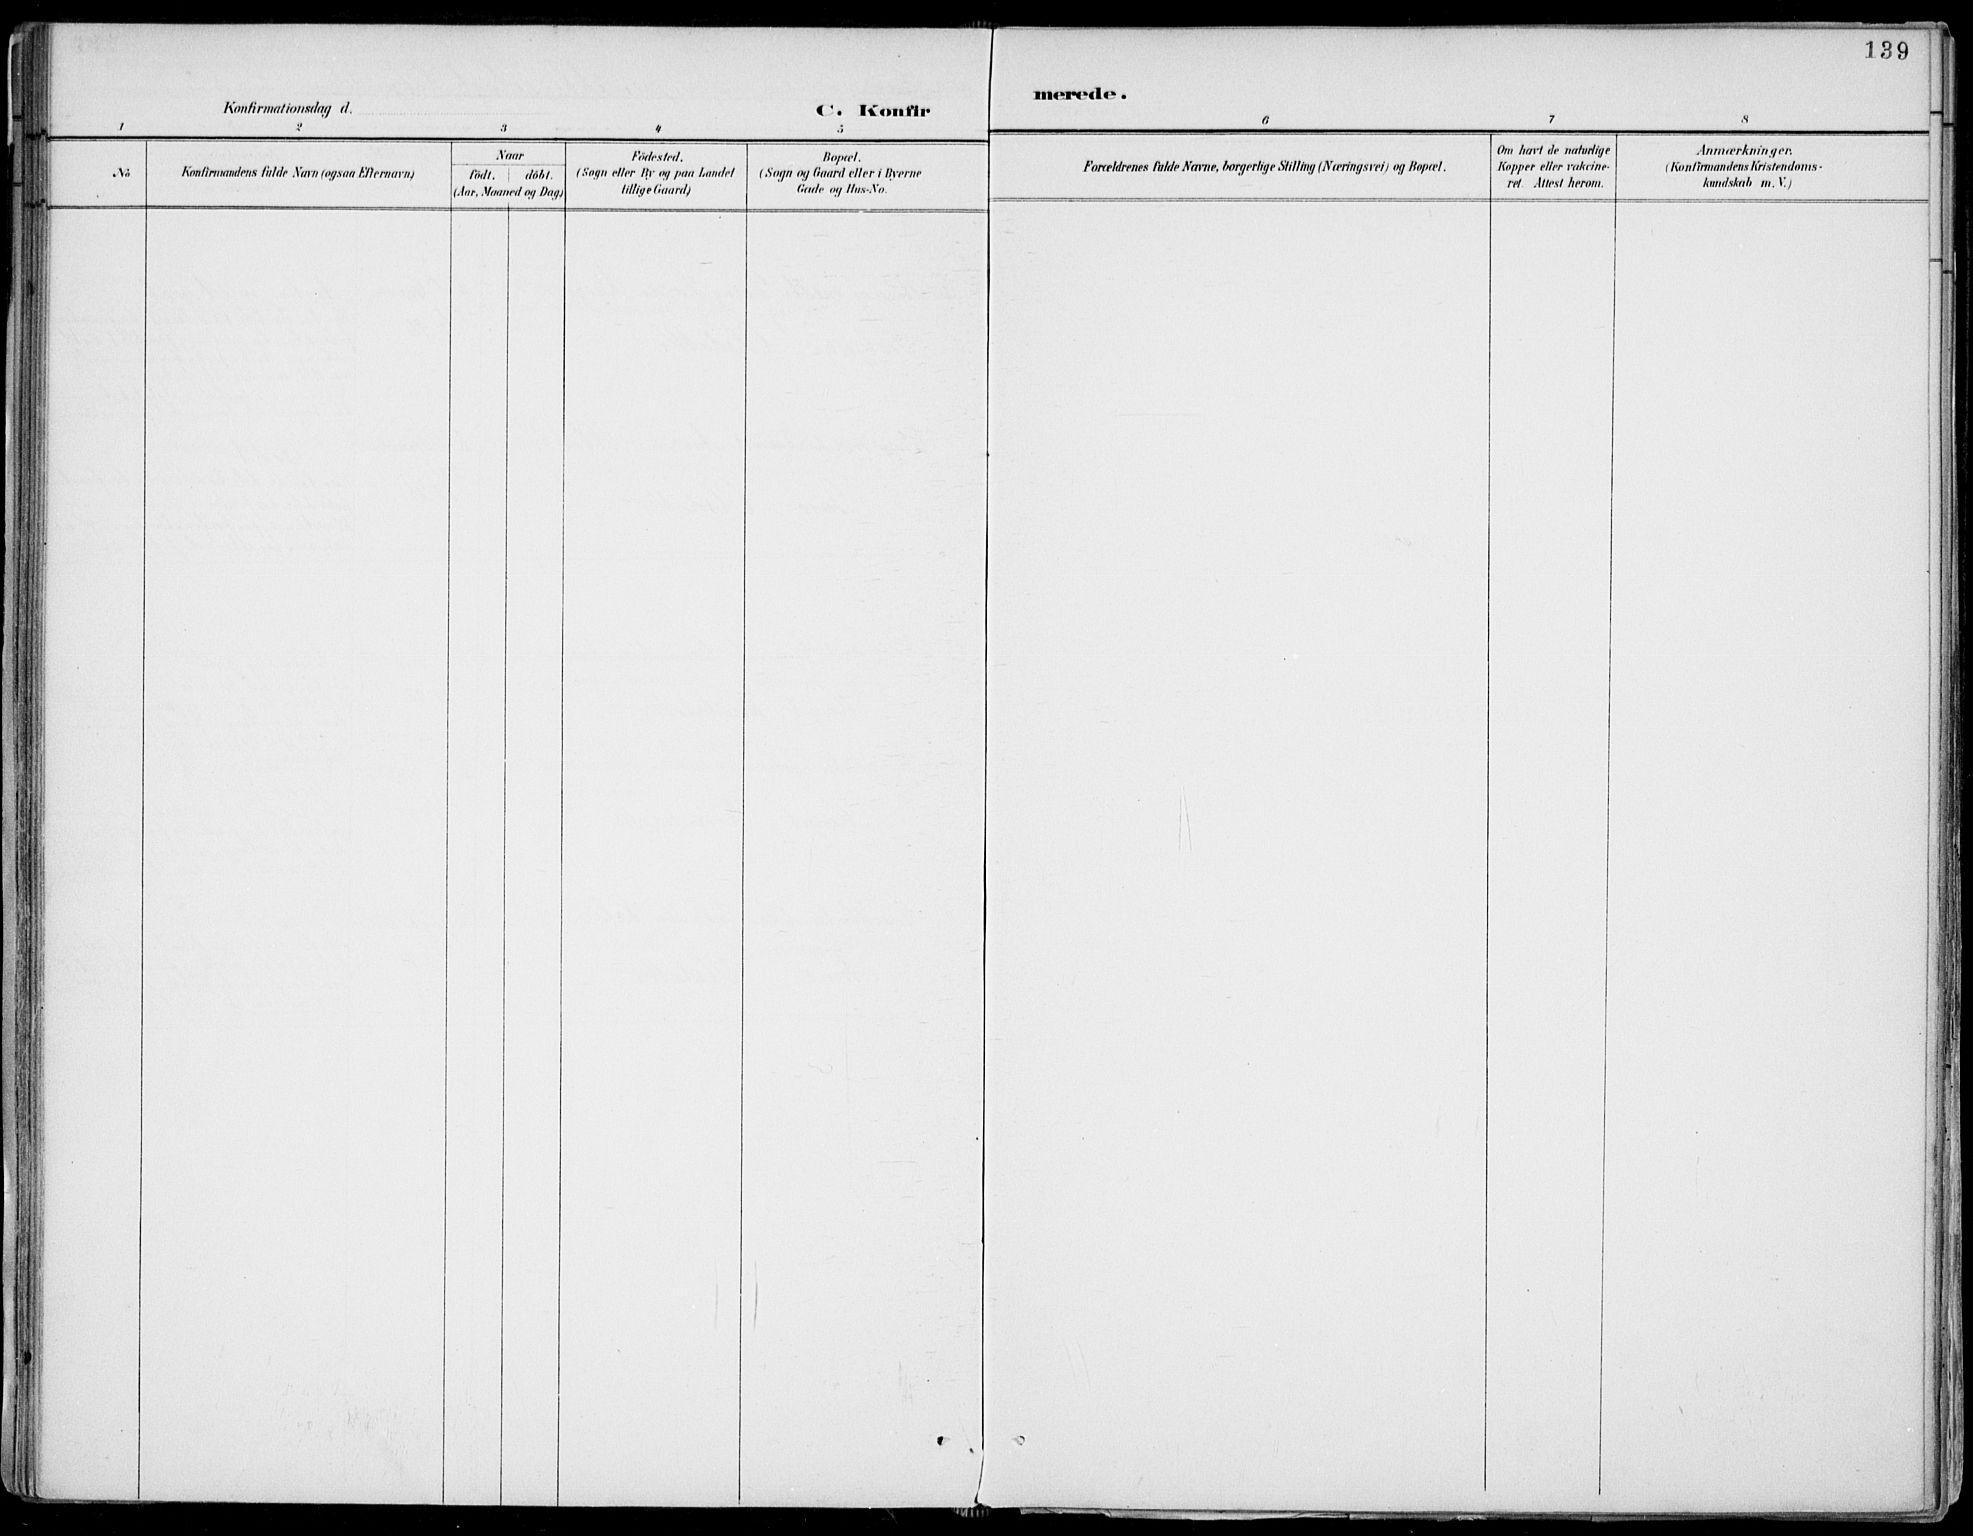 SAKO, Fyresdal kirkebøker, F/Fa/L0007: Ministerialbok nr. I 7, 1887-1914, s. 139